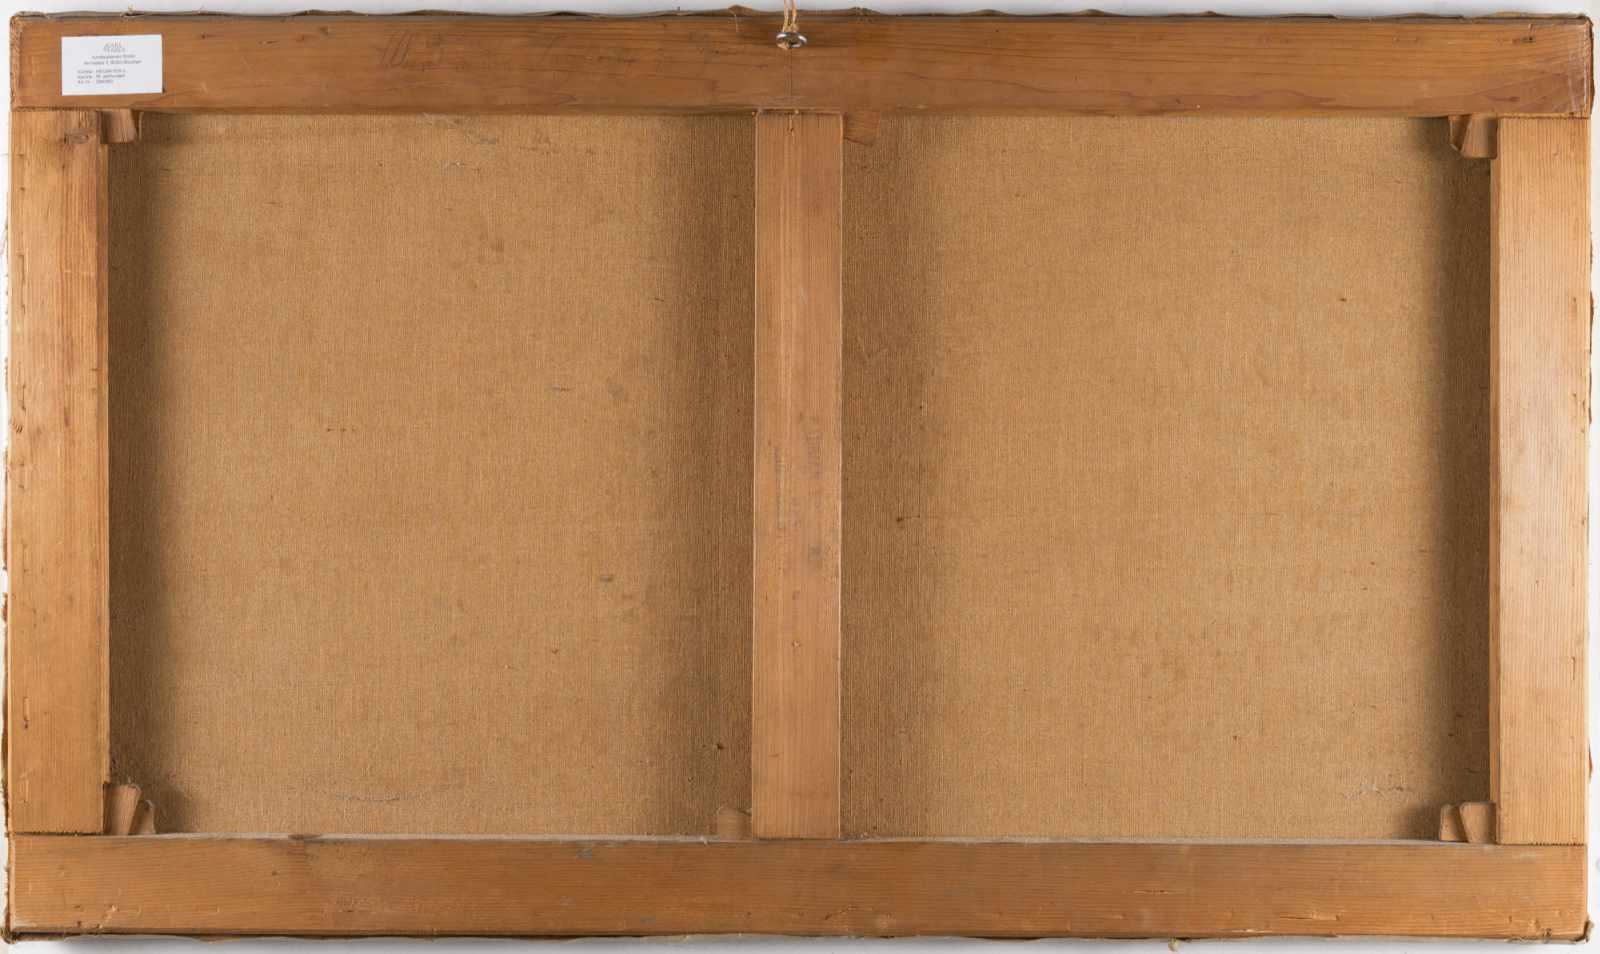 Lot 49 - Karl Heilmayer1829 - München - 1908Venedig bei MondscheinÖl auf Leinwand. 1891. 56,5 x 97 cm.